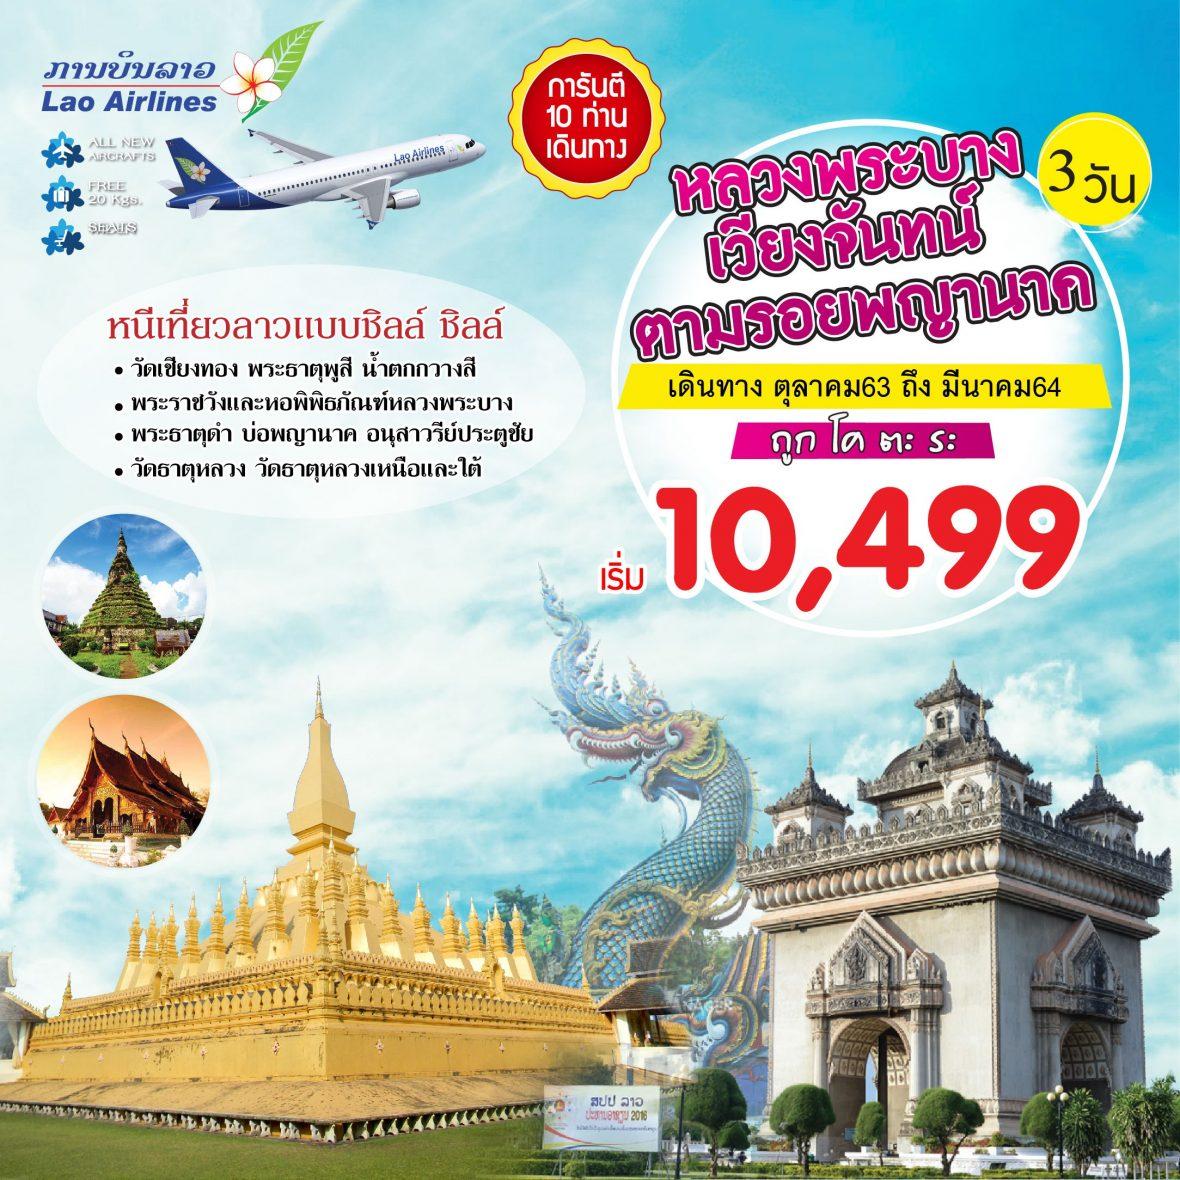 Luang Prabang Vientian Prayanak_3D_Oct20-Mar21_1040